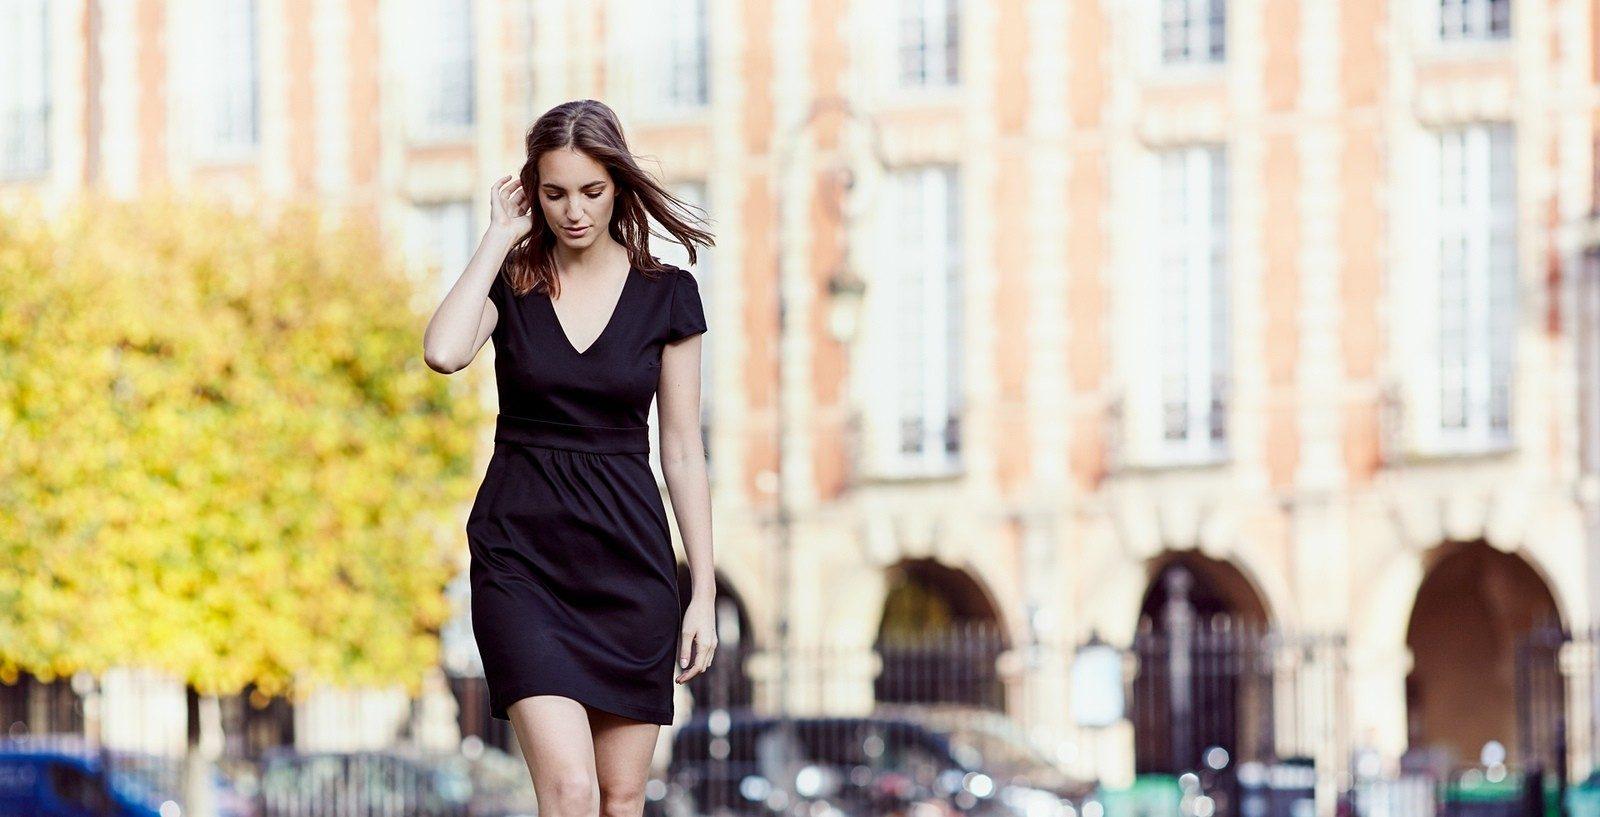 Mlle Paris - banniere jardin 3